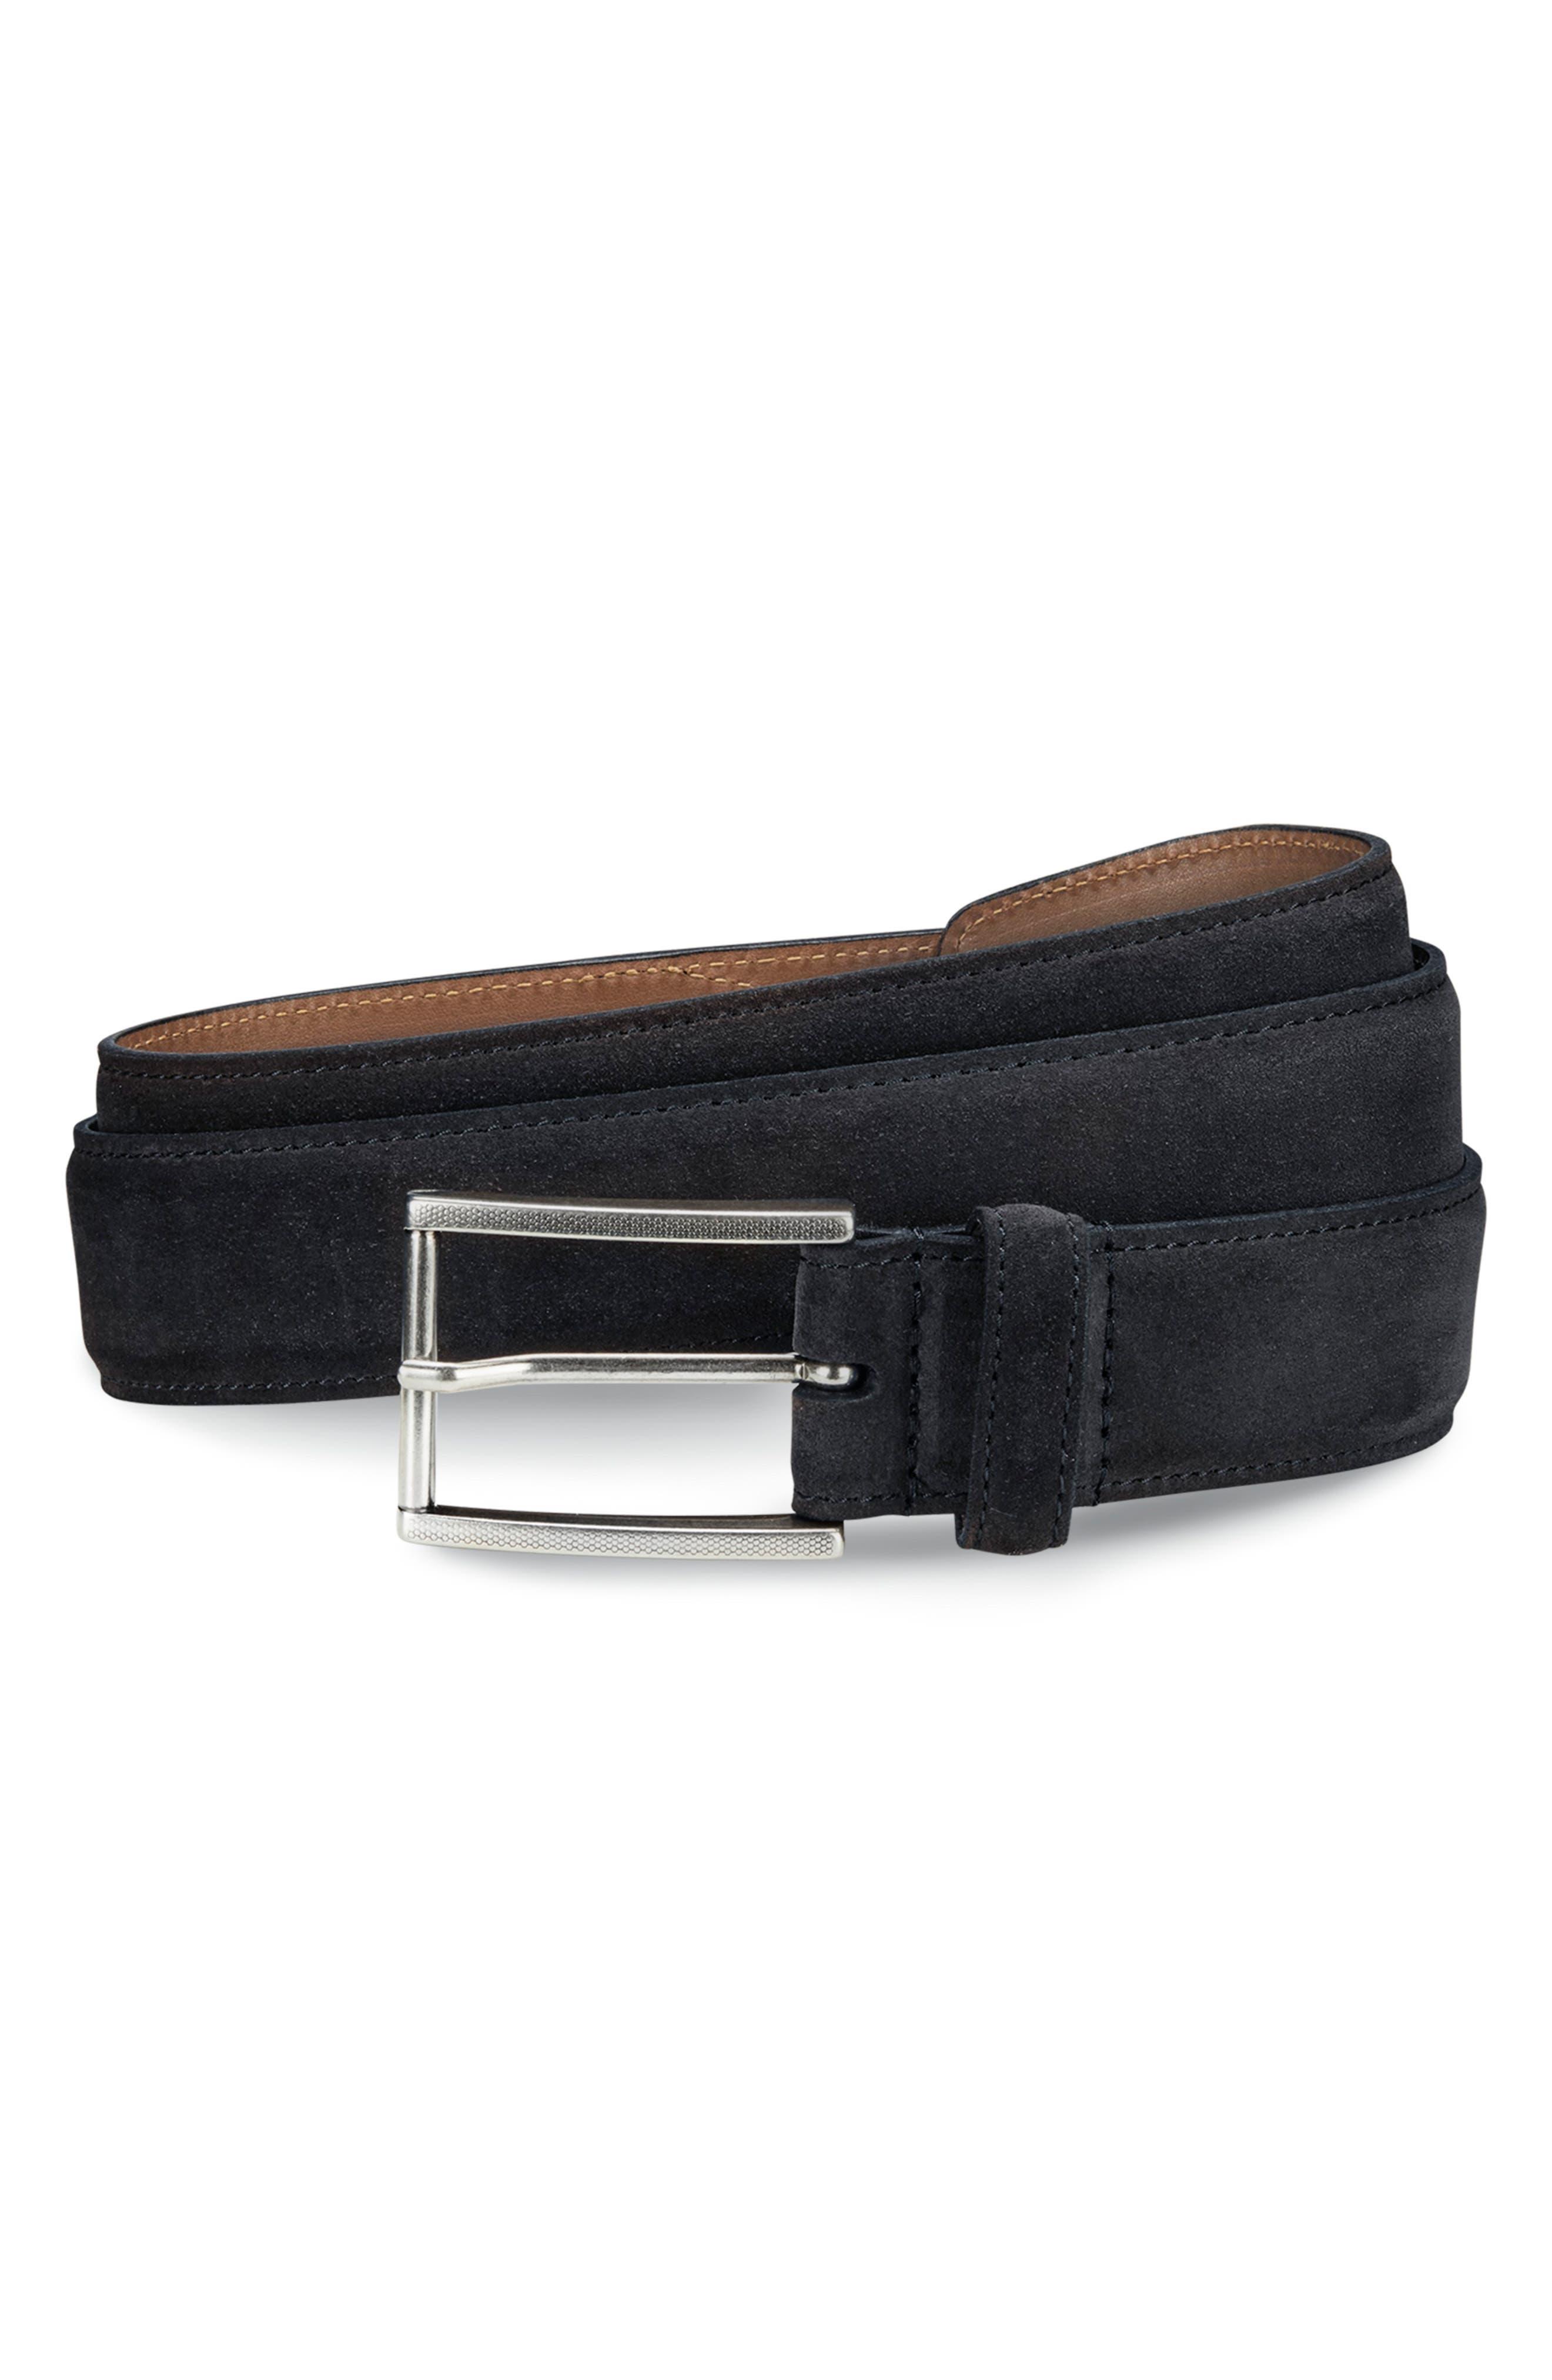 ALLEN EDMONDS, Suede Avenue Leather Belt, Main thumbnail 1, color, BLACK SUEDE